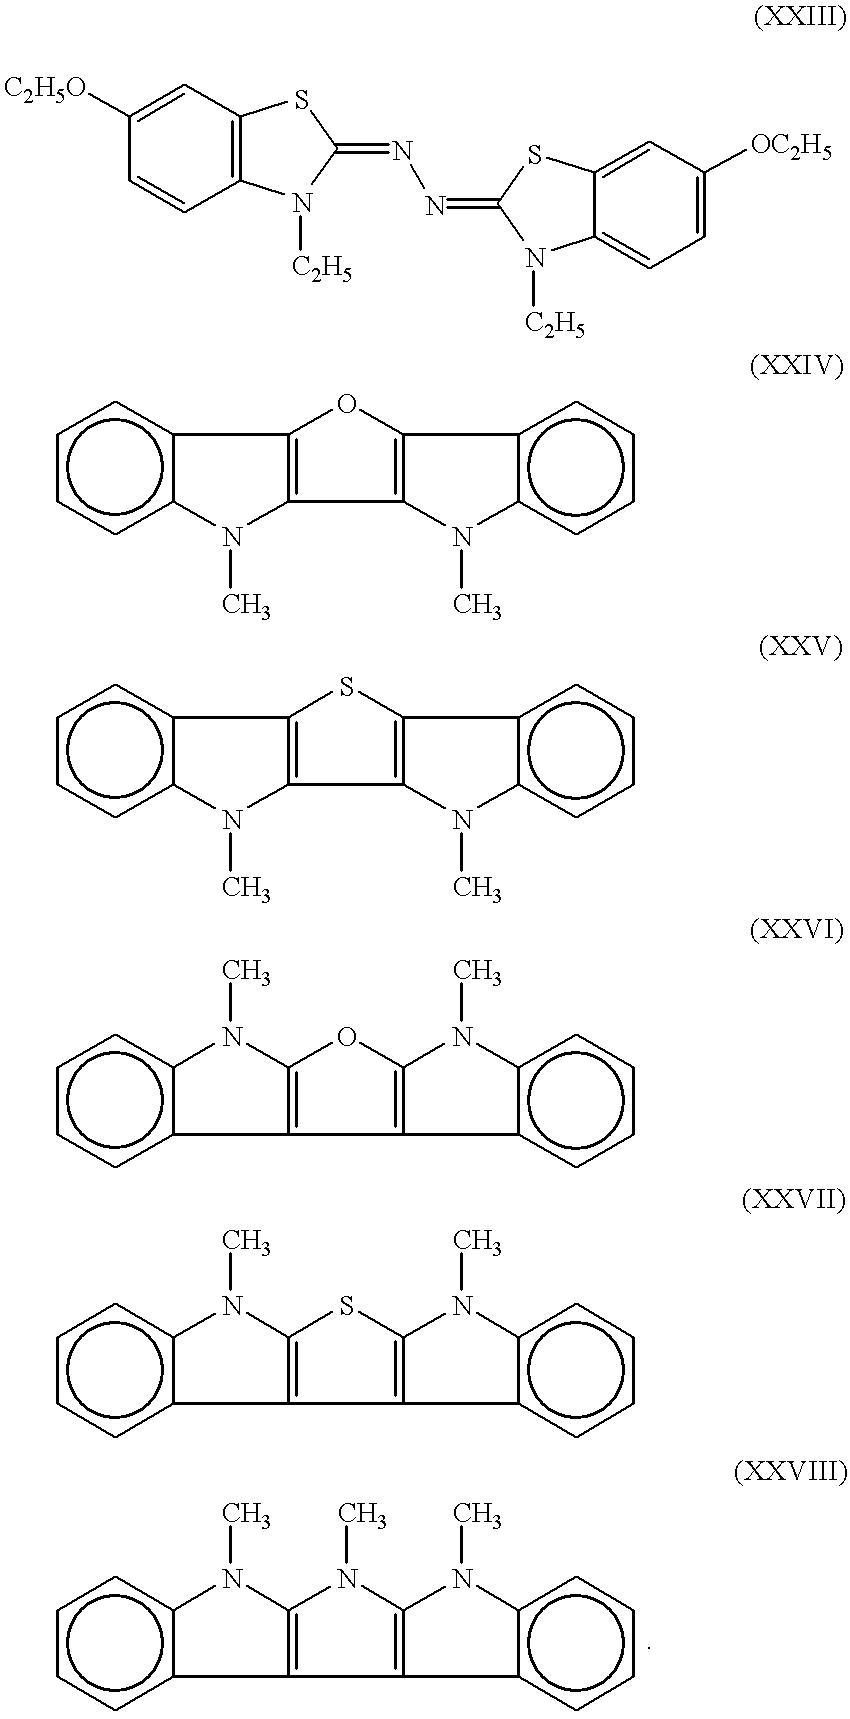 Figure US06193912-20010227-C00019